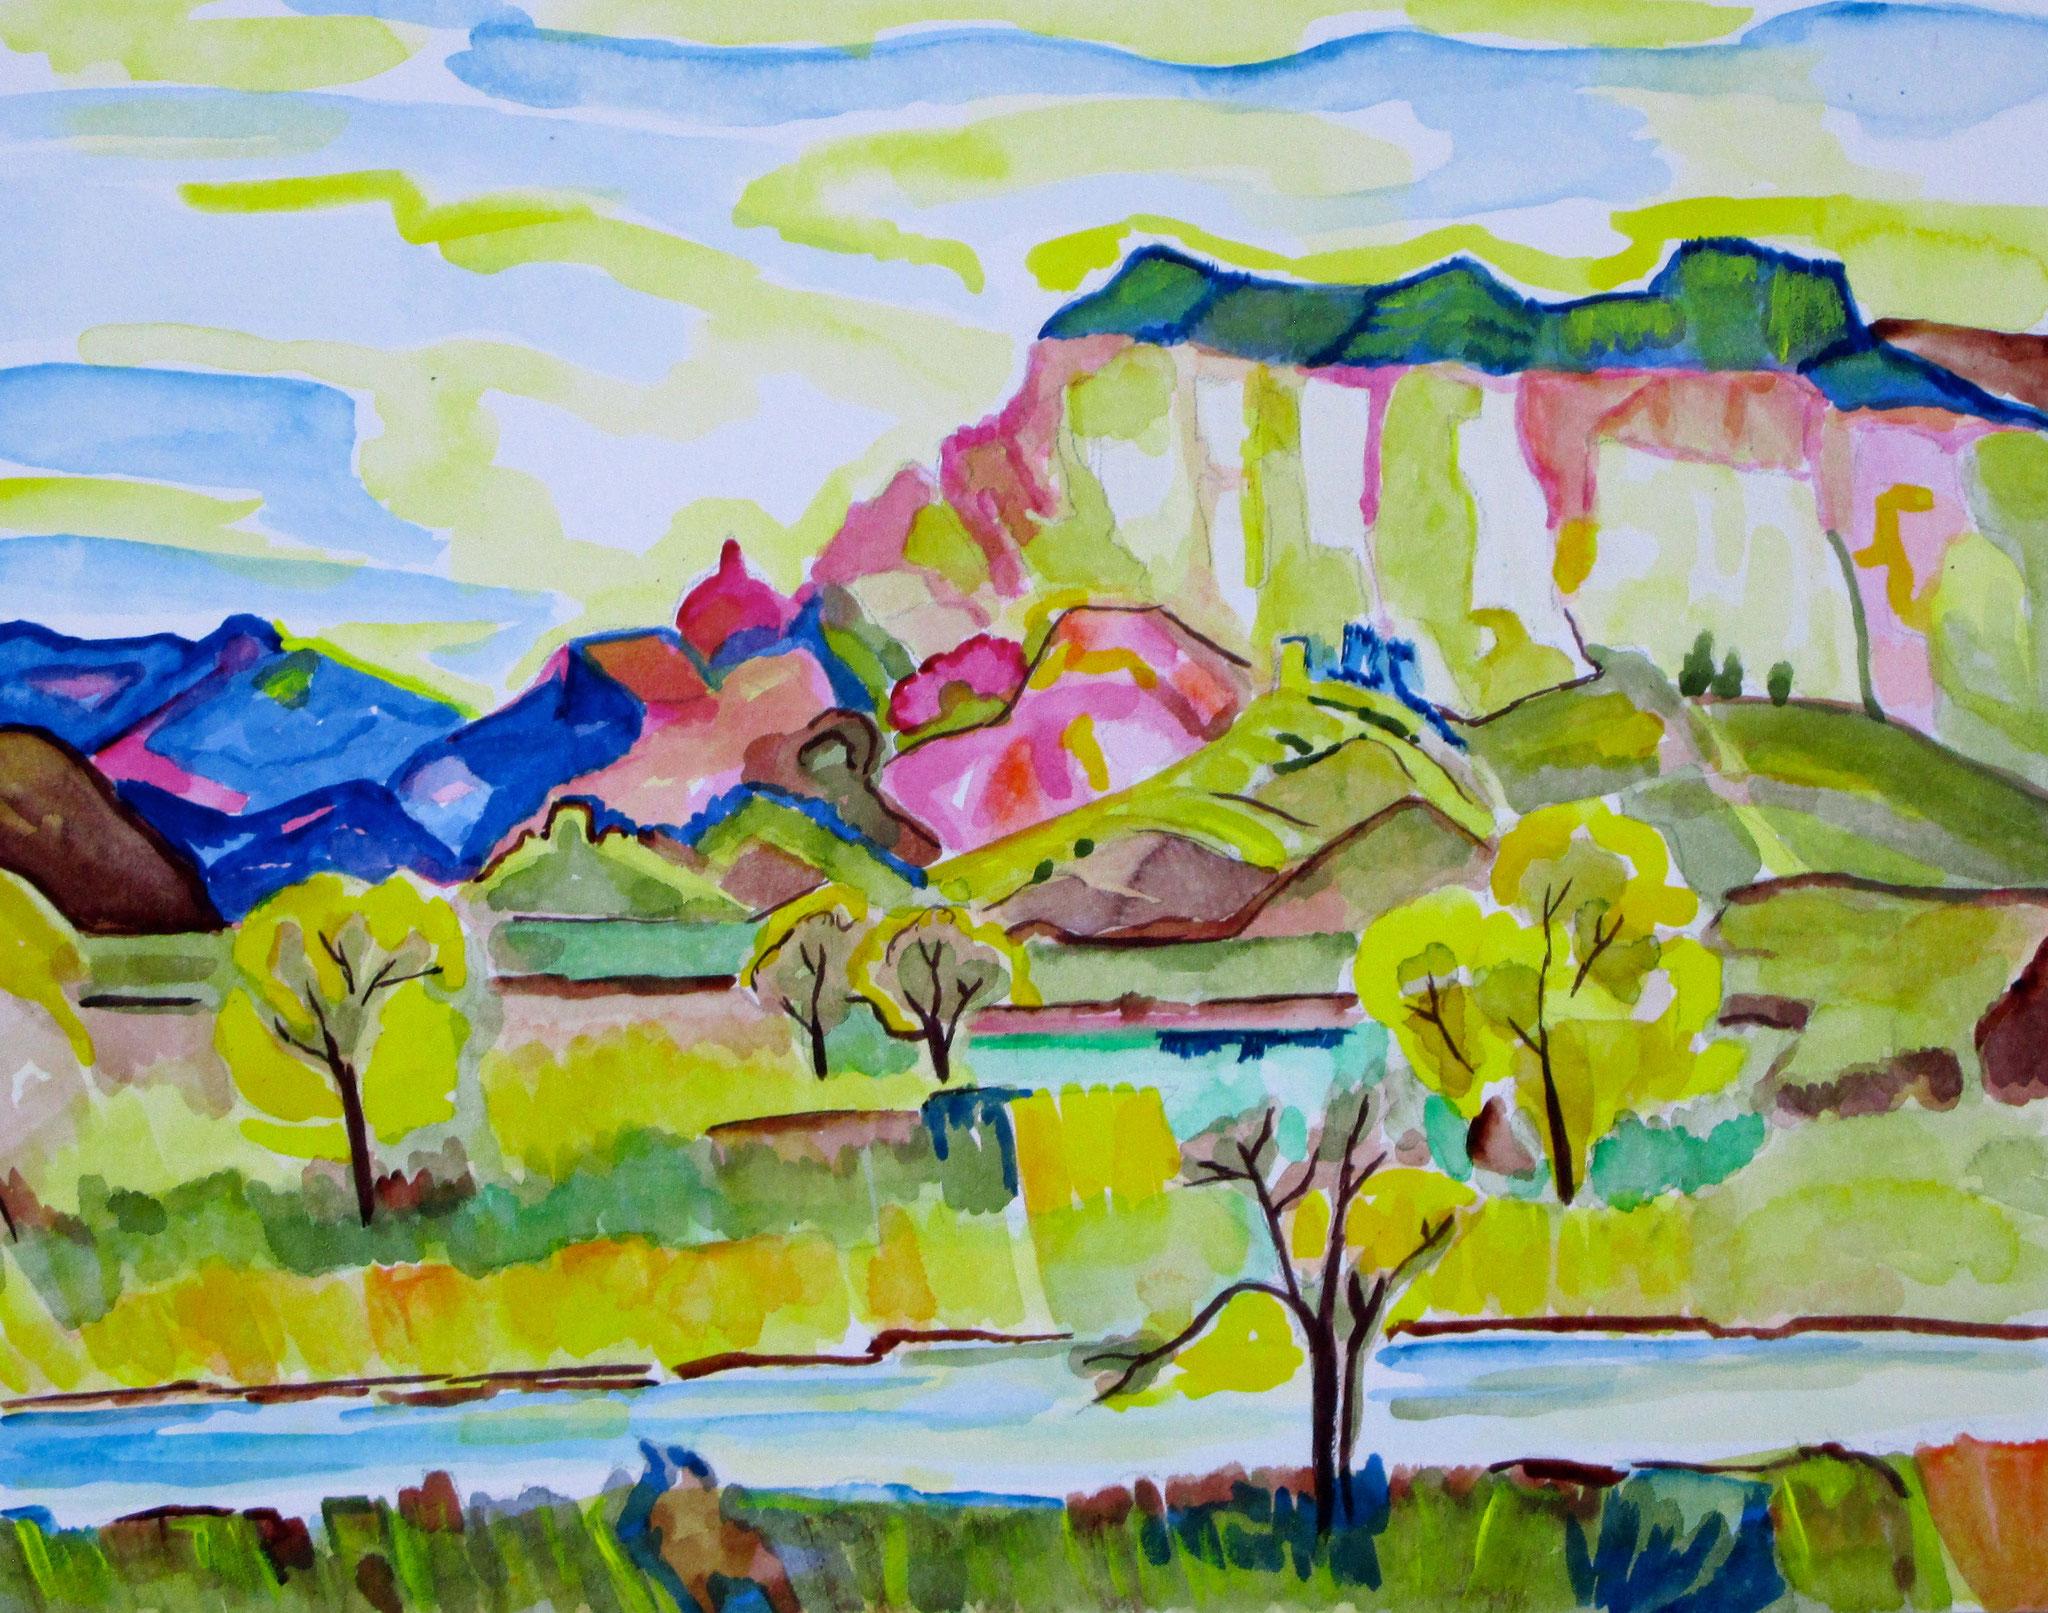 Spring Splendor, watercolor on board, 14 x 11, SOLD